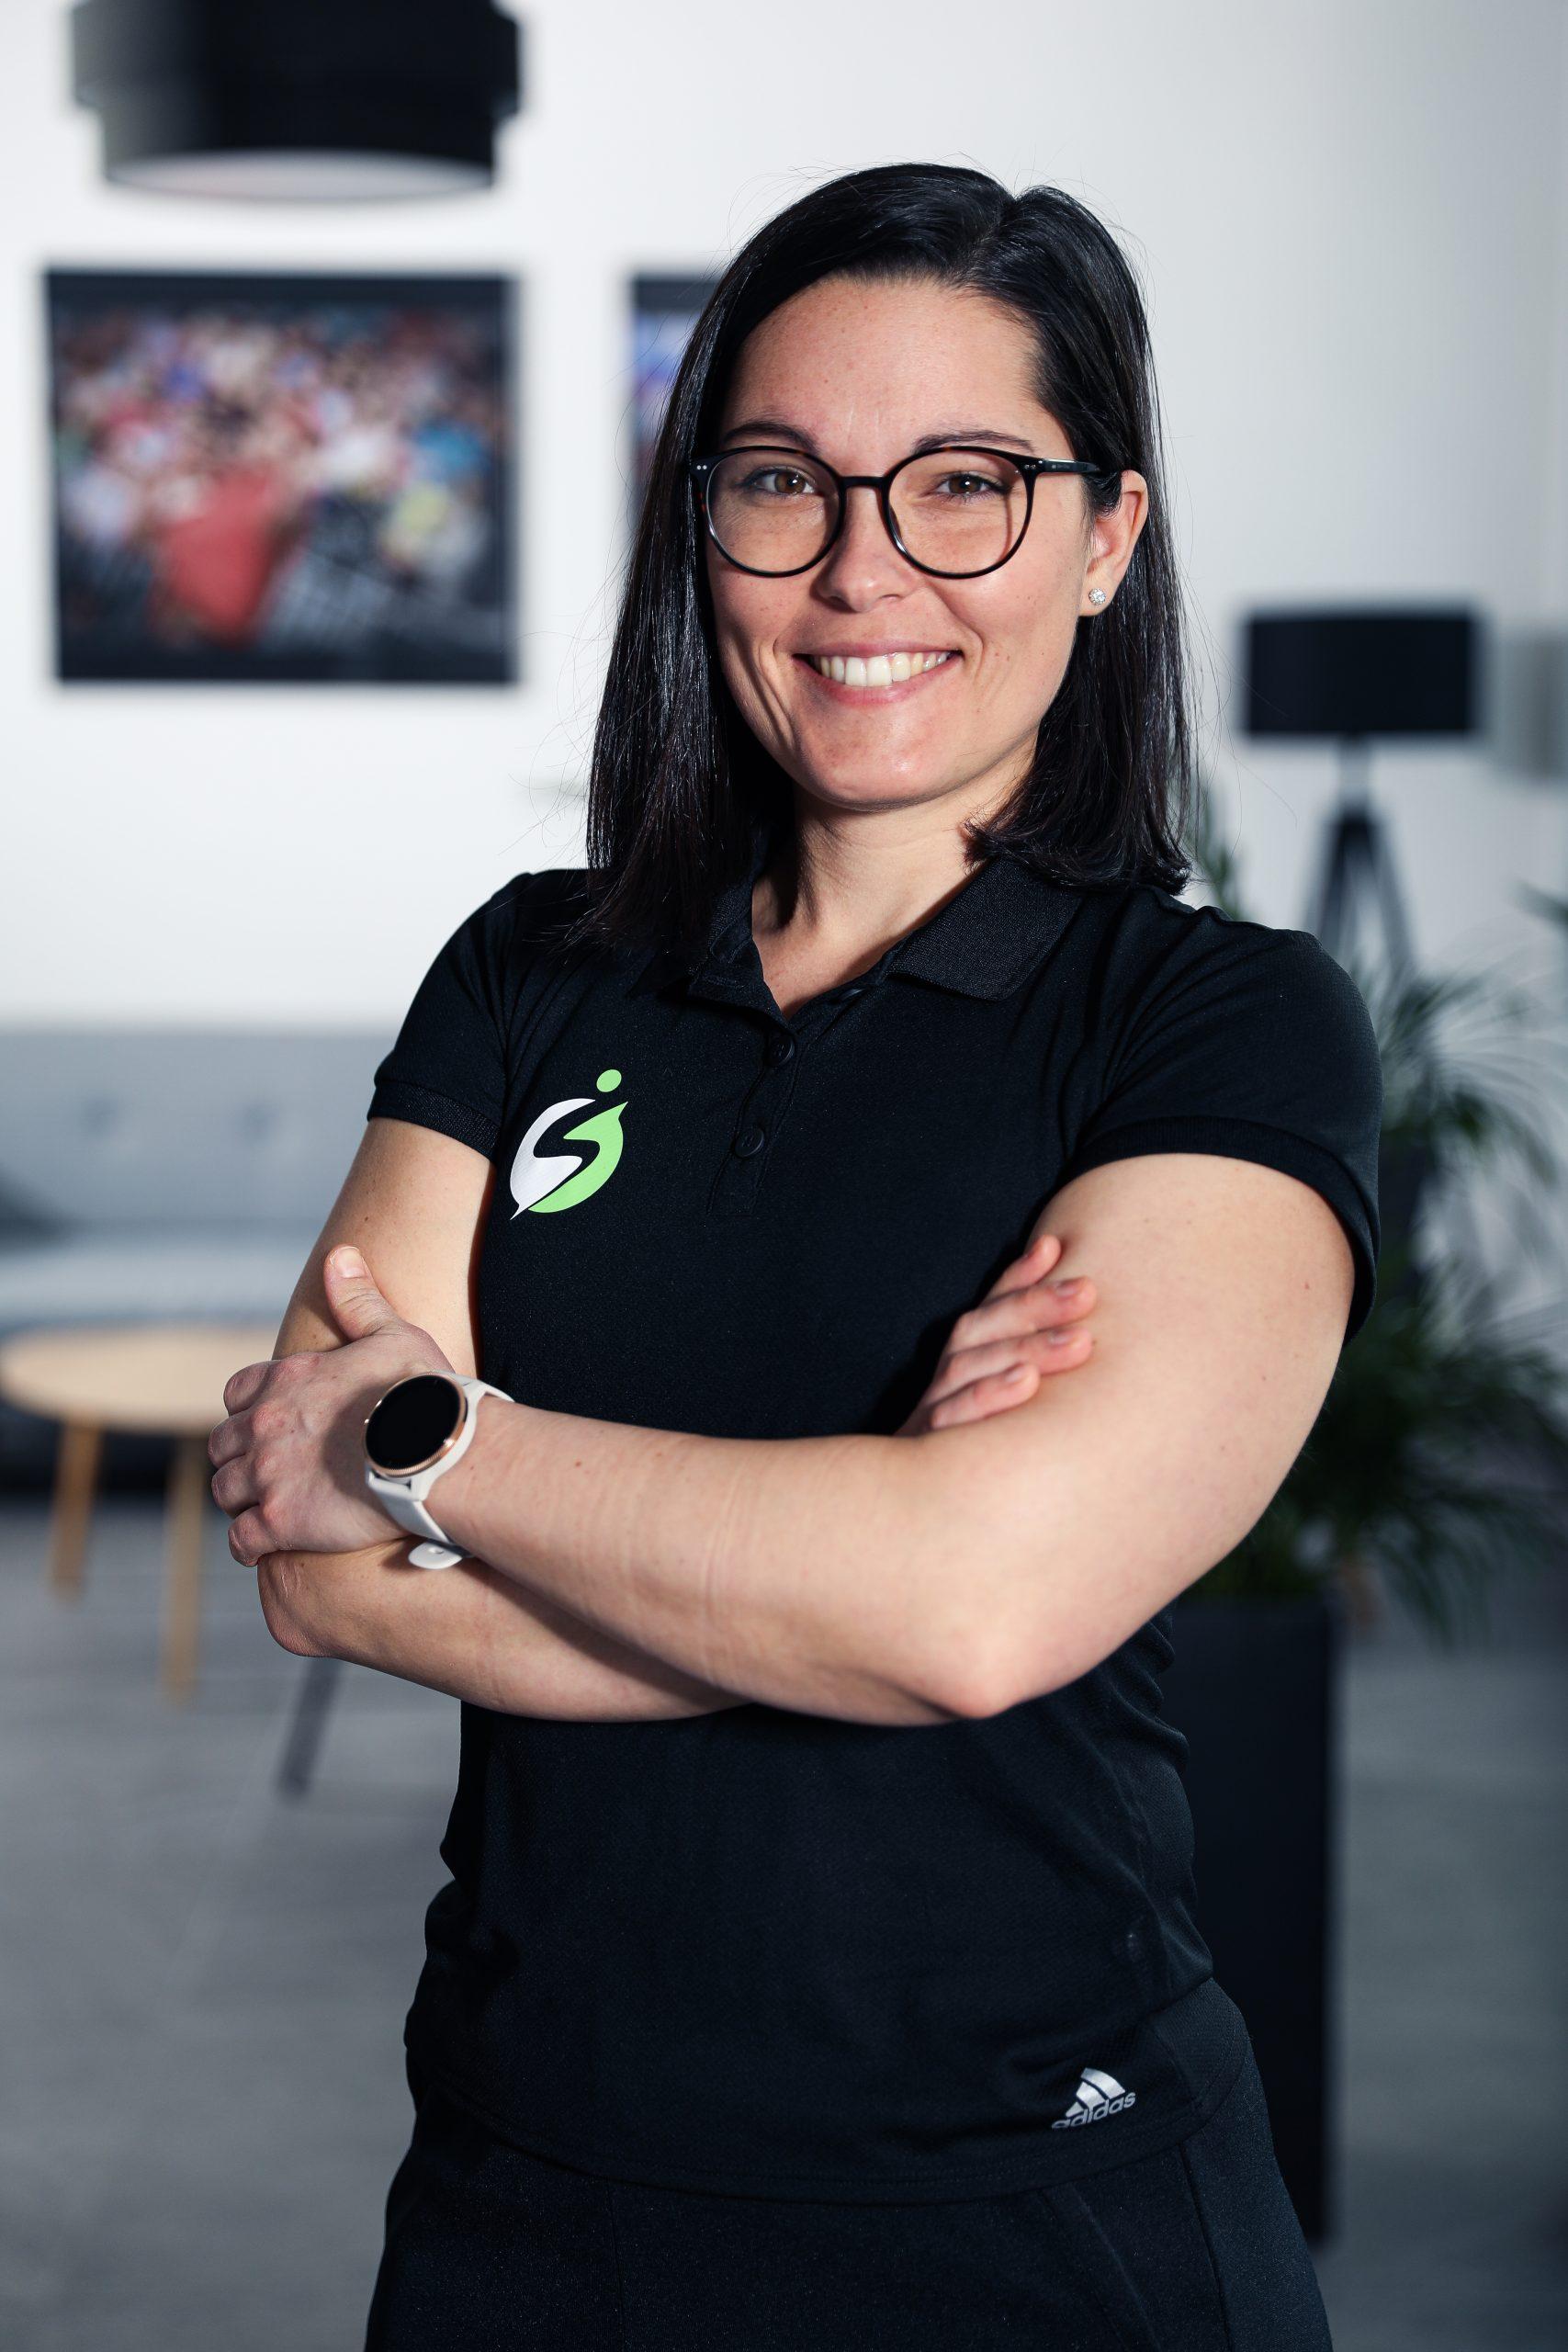 Lisa-Marie Sommer